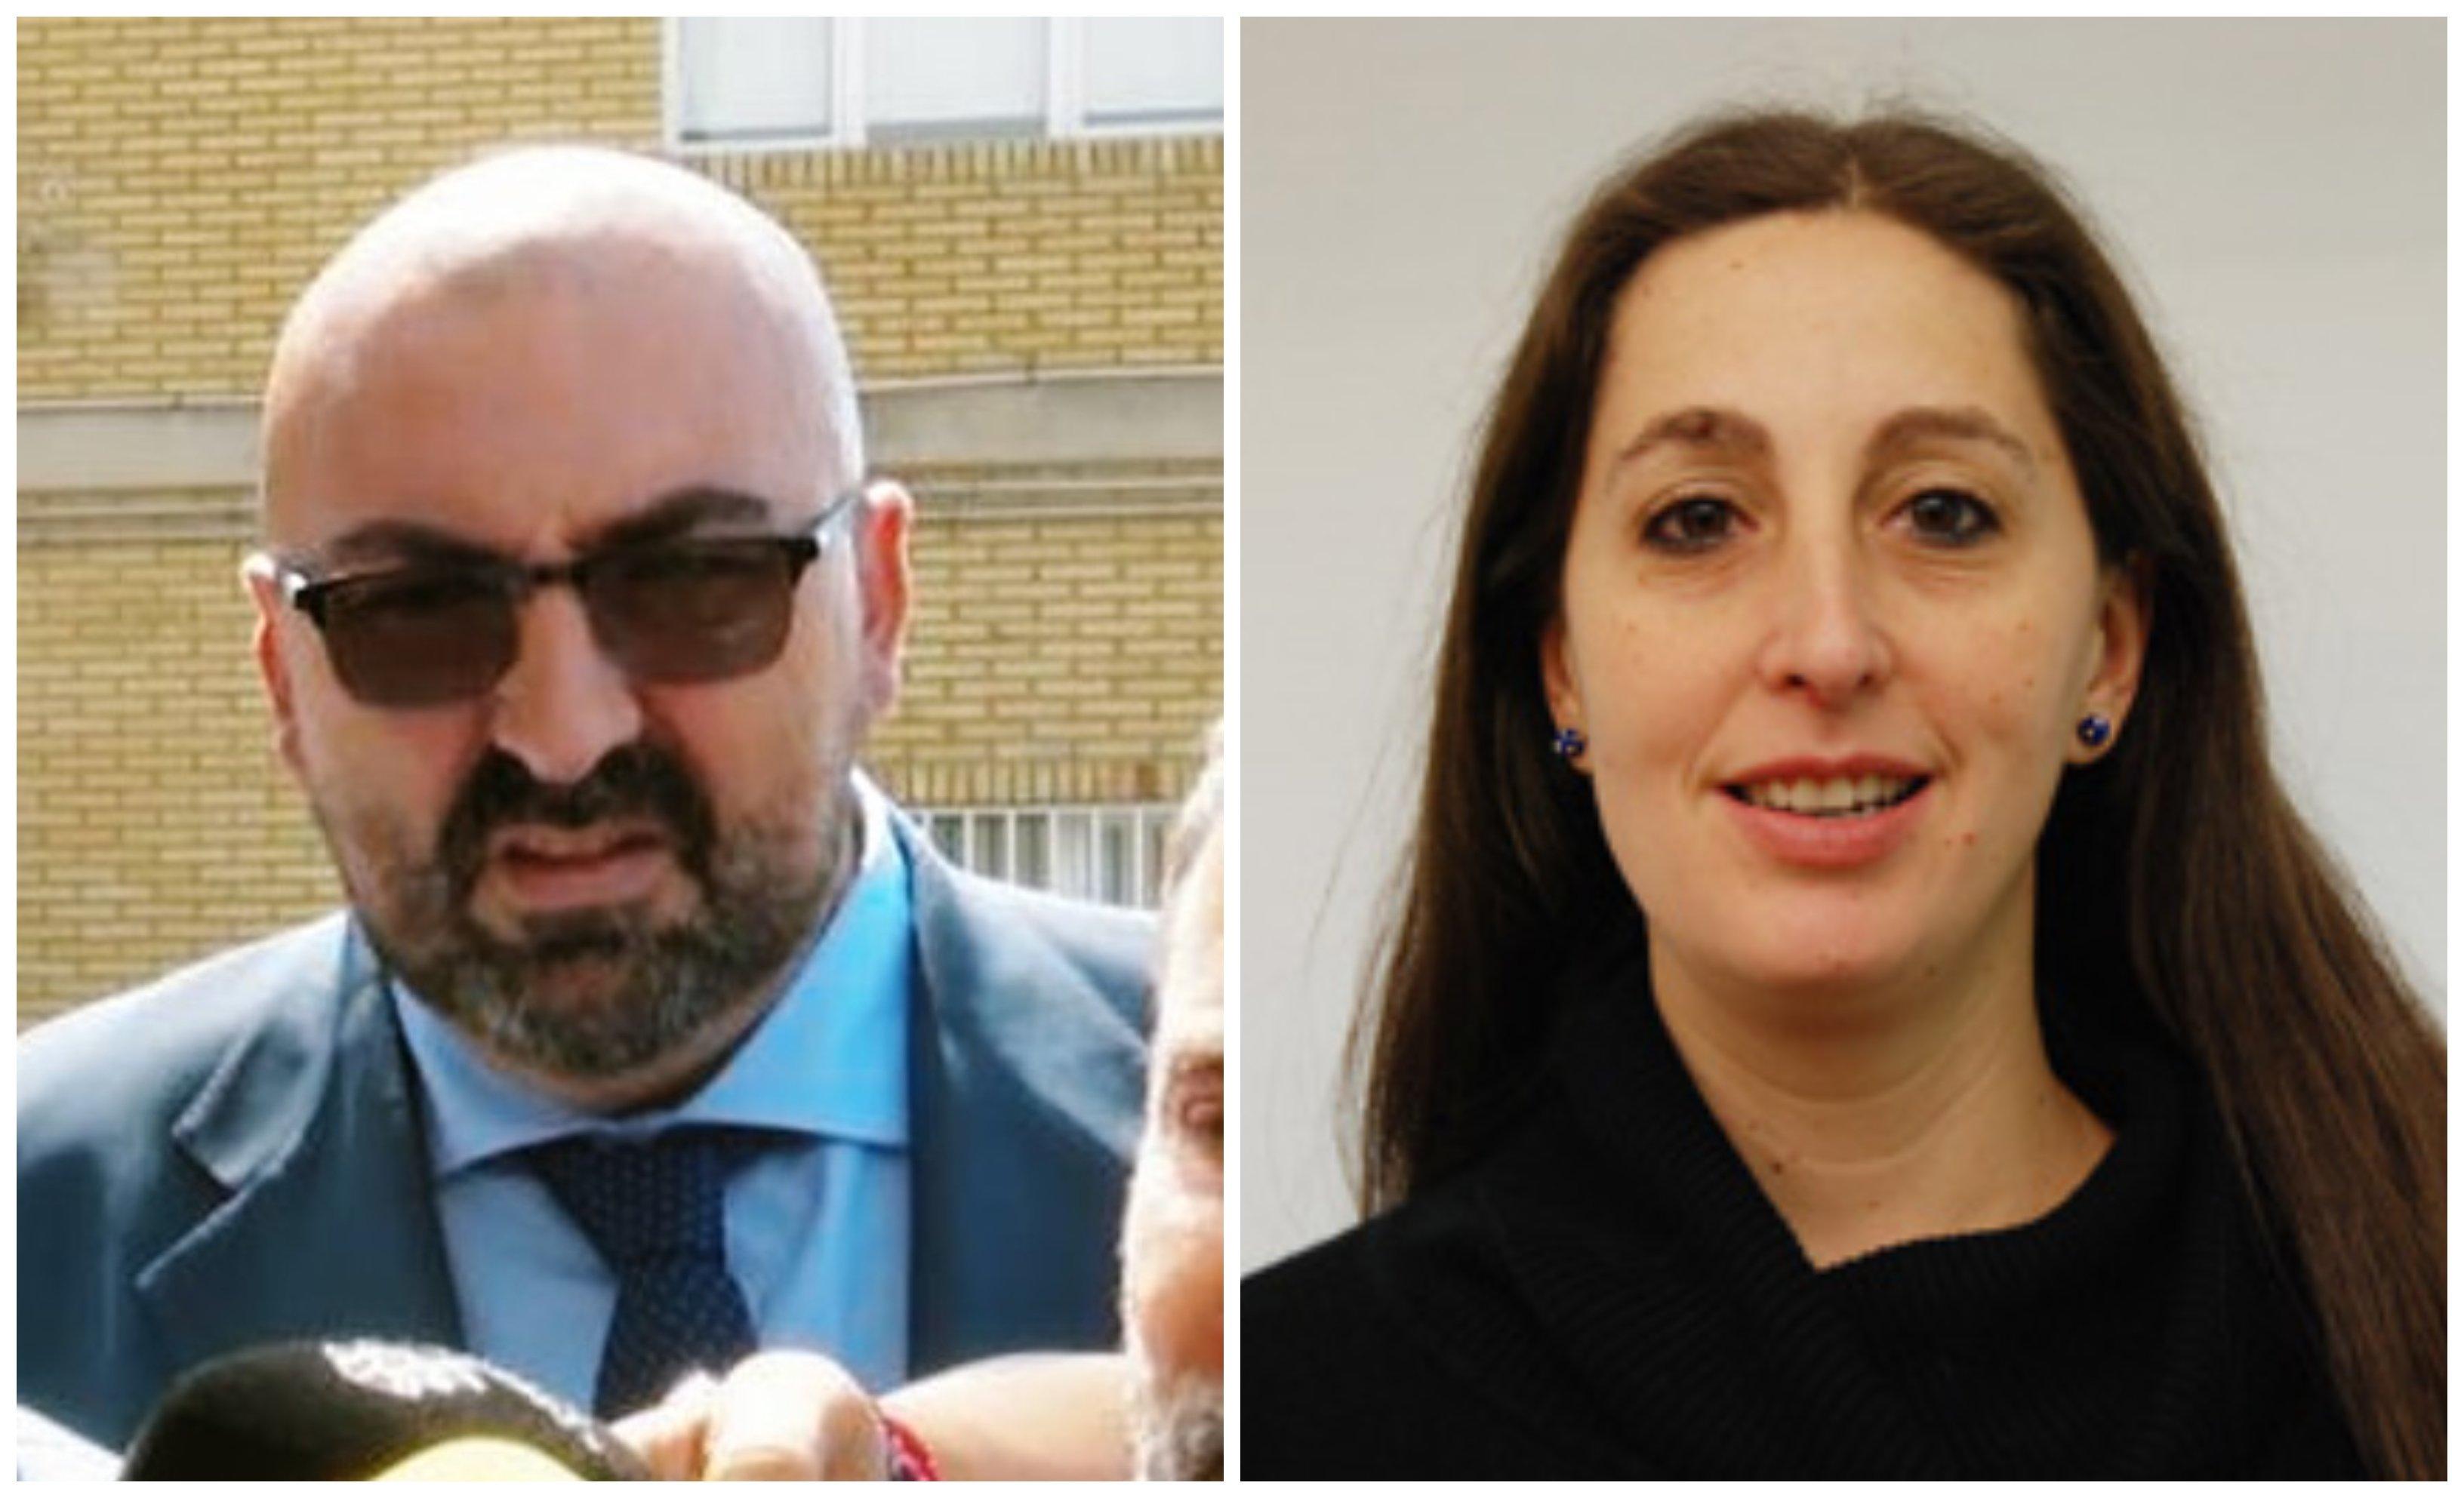 Koldo pasa de chófer de Ábalos a consejero de Renfe en pleno «Delcygate» y ahora su mujer, Patricia Uriz, entra en el Ministerio